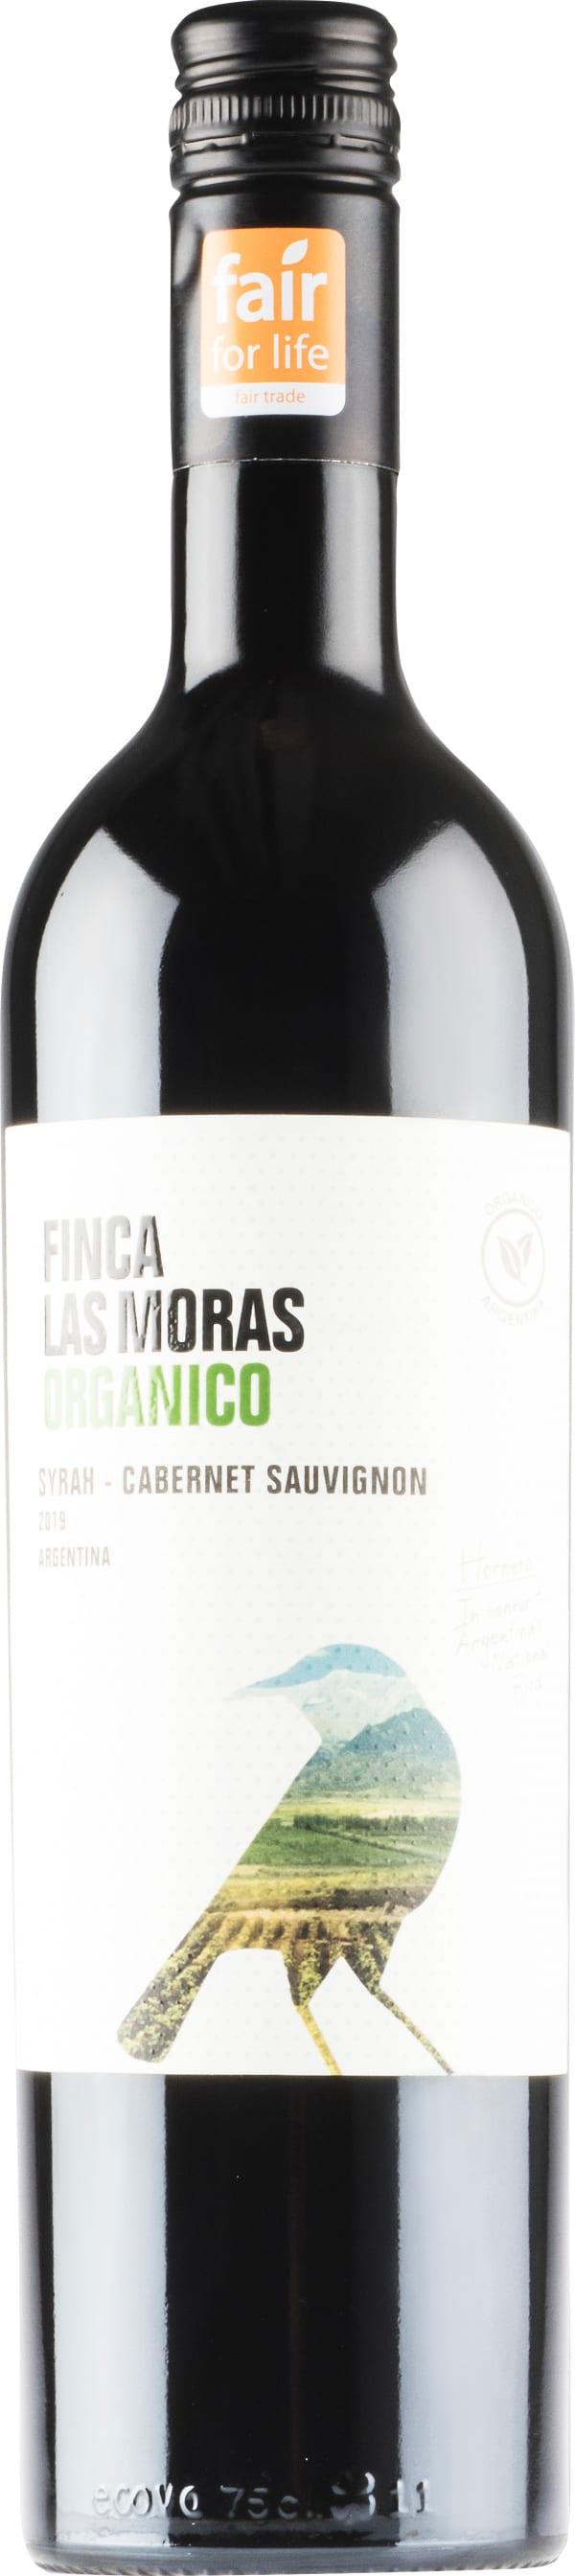 Finca Las Moras Organico Syrah Cabernet Sauvignon 2019